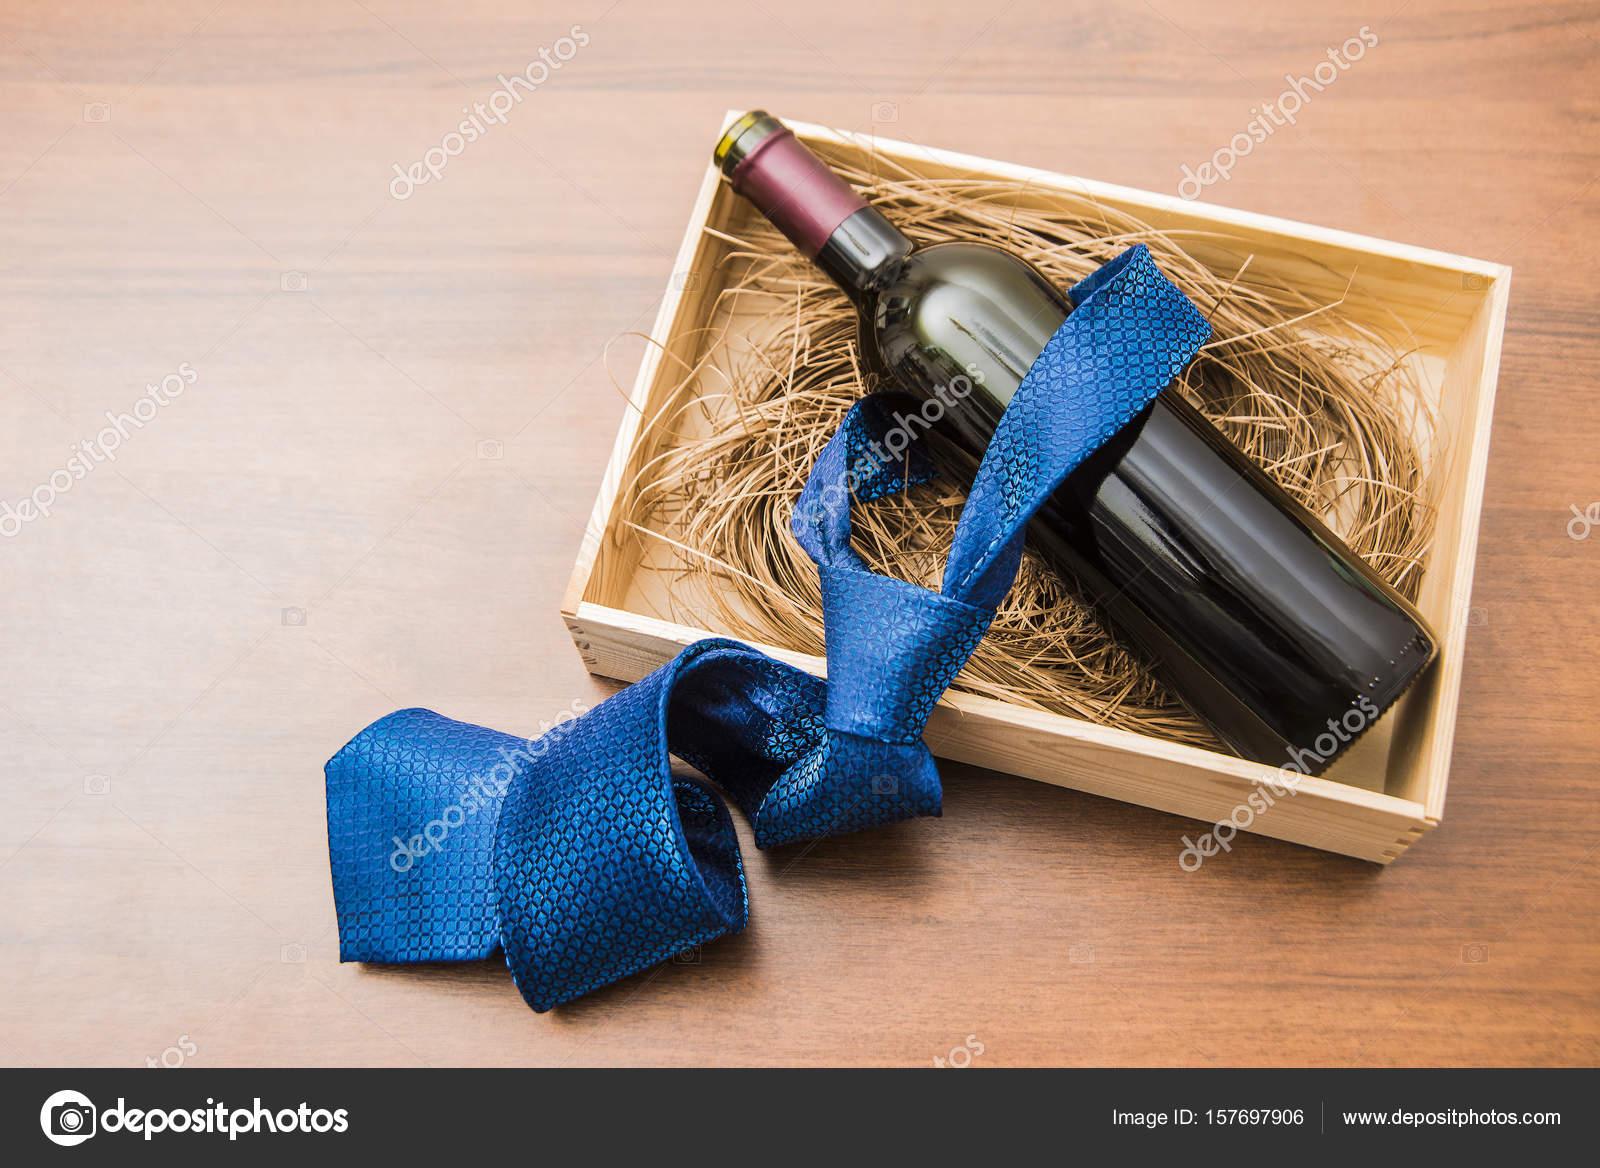 comment avoir bon ajustement performance fiable Bouteille de vin avec cravate bleue — Photographie borjomi88 ...